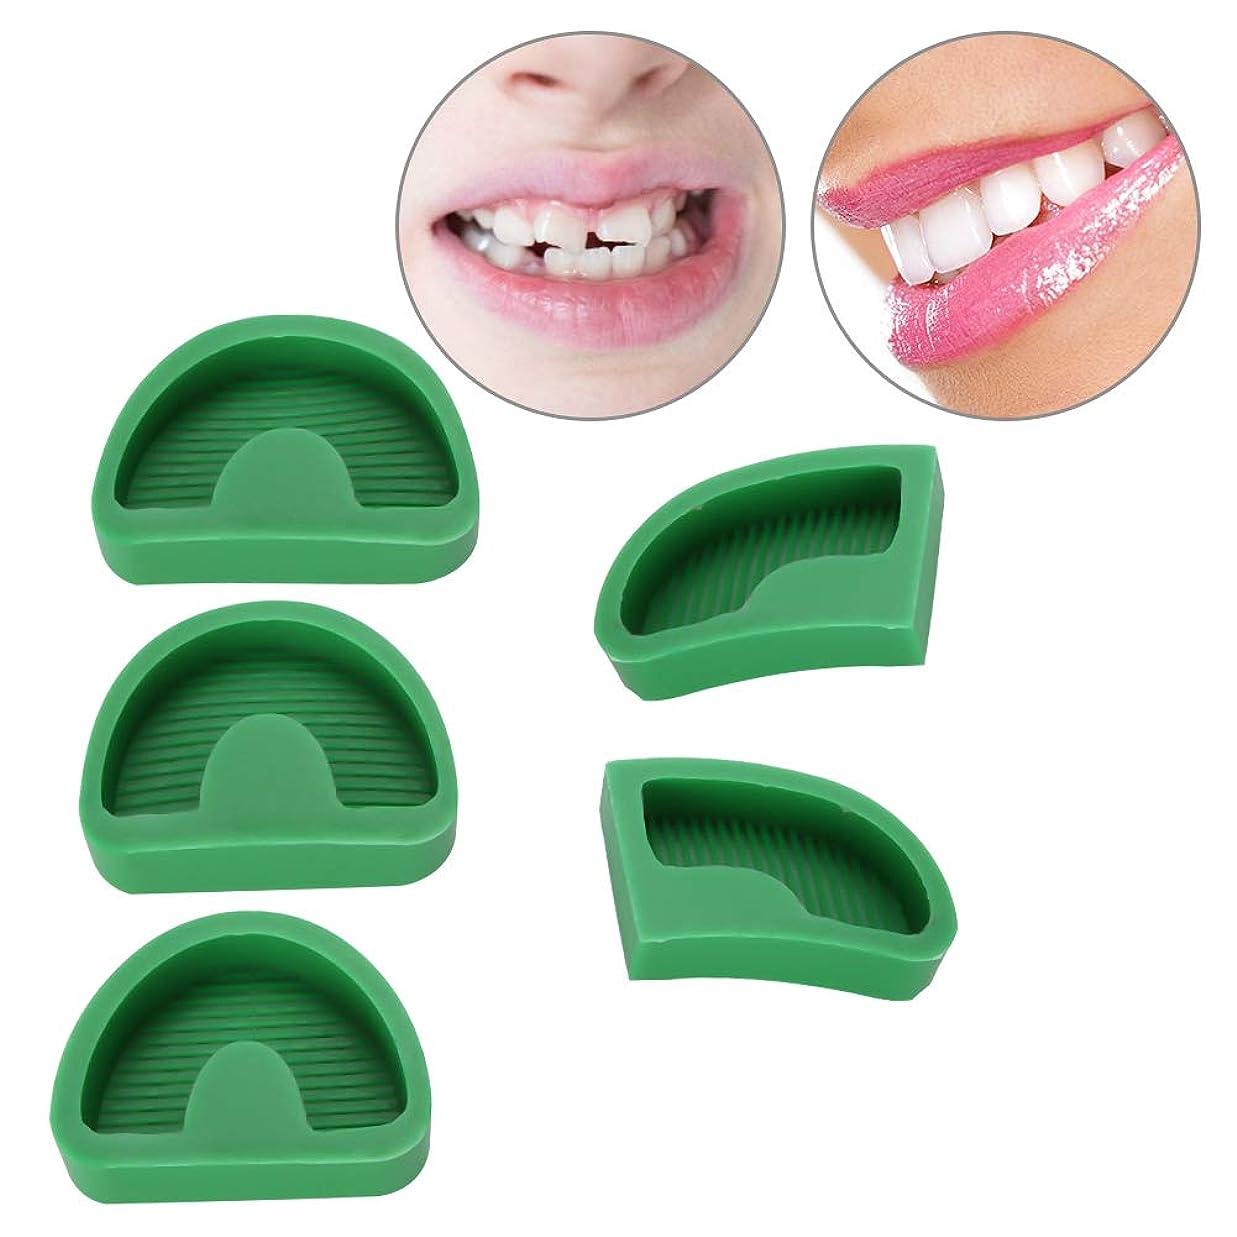 島休暇オッズ5本 シリコーンゴム石膏模型 ベース金型 歯科モデル 金型 舌歯科用具